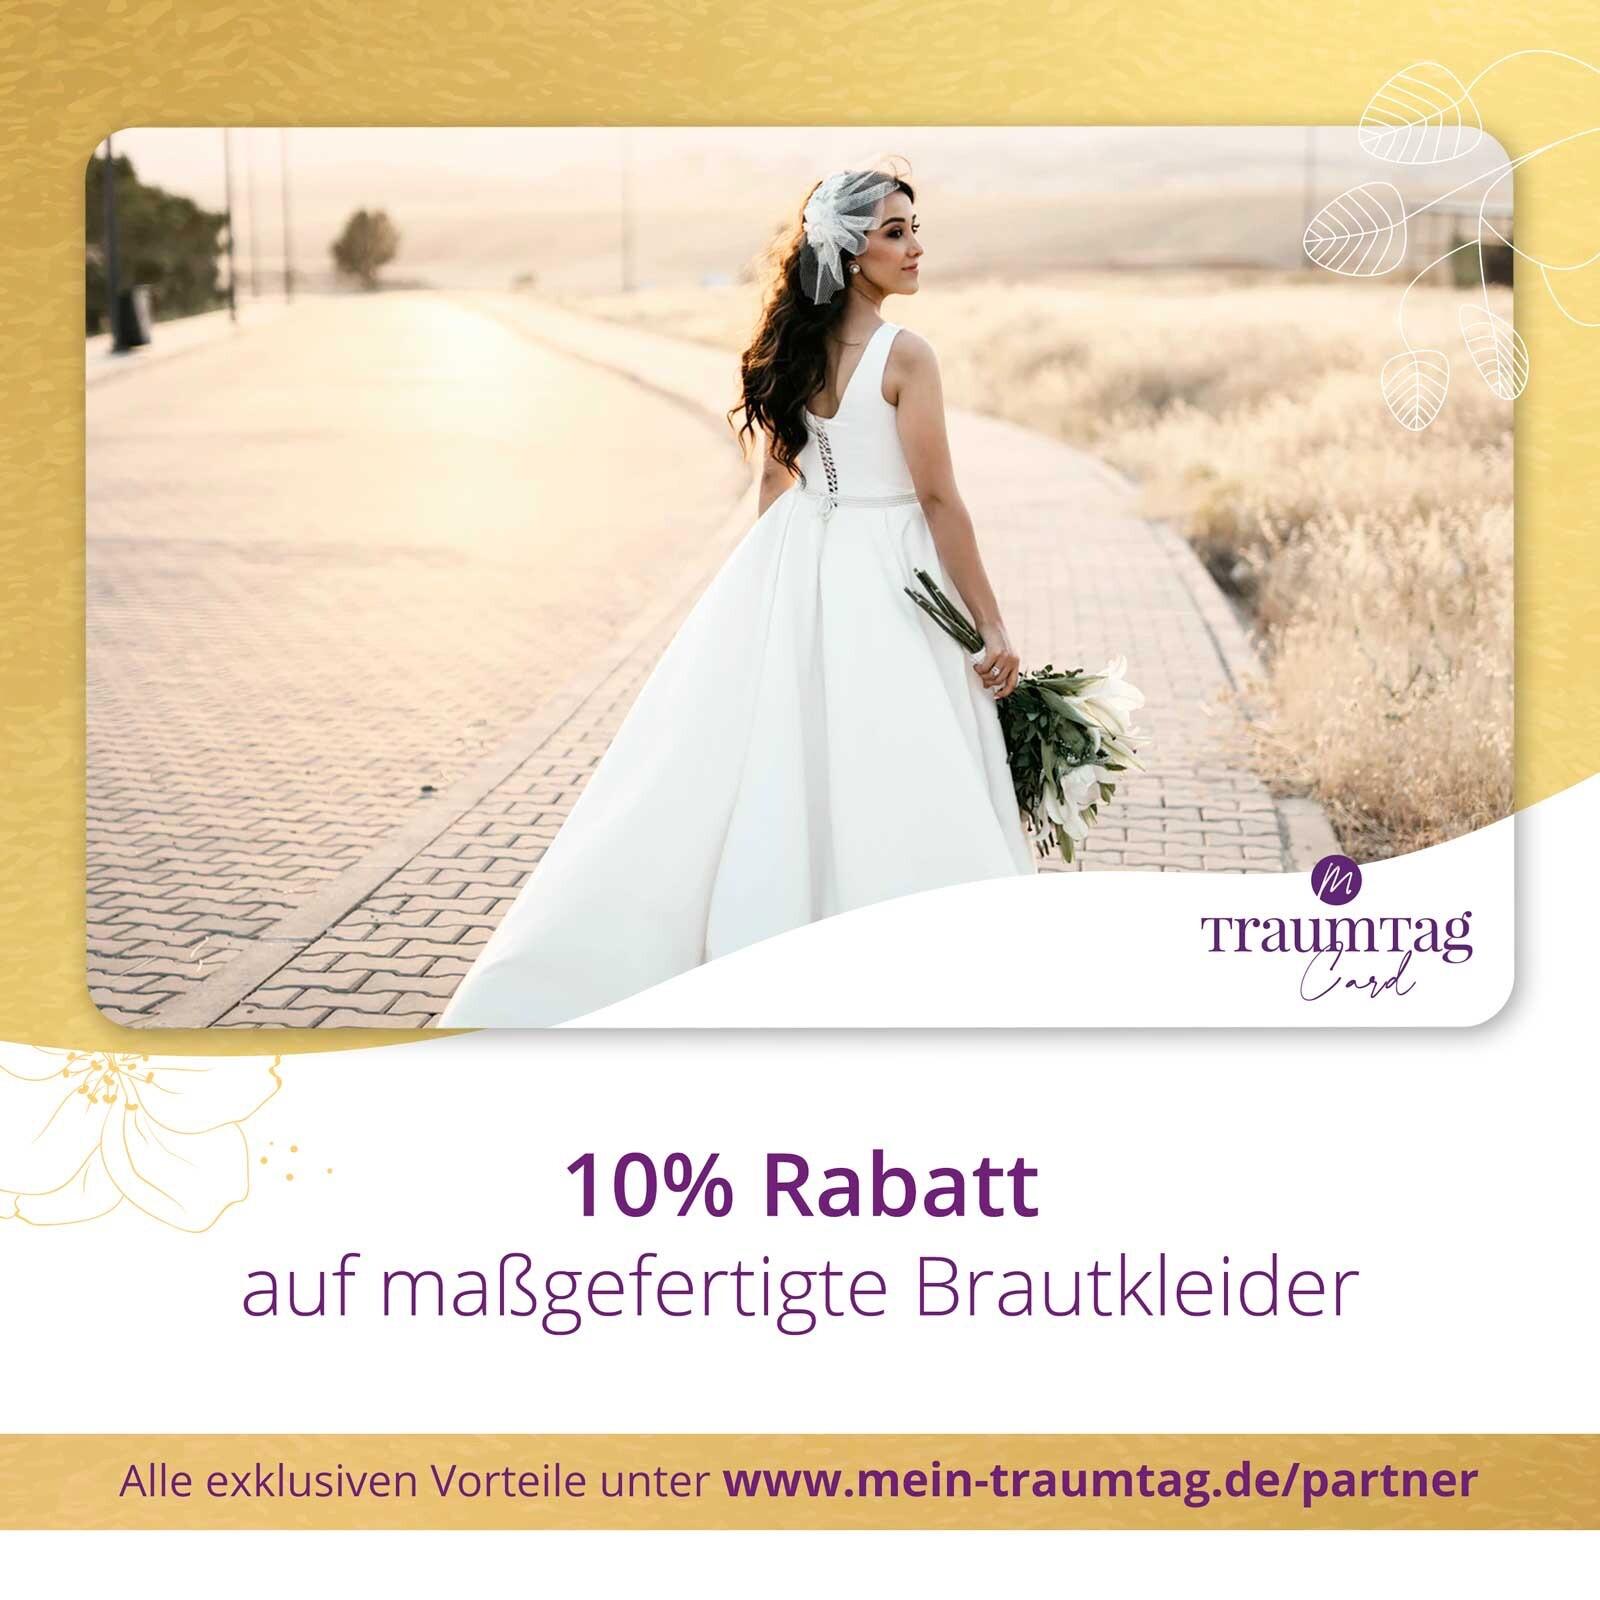 Rabatt auf Brautkleider